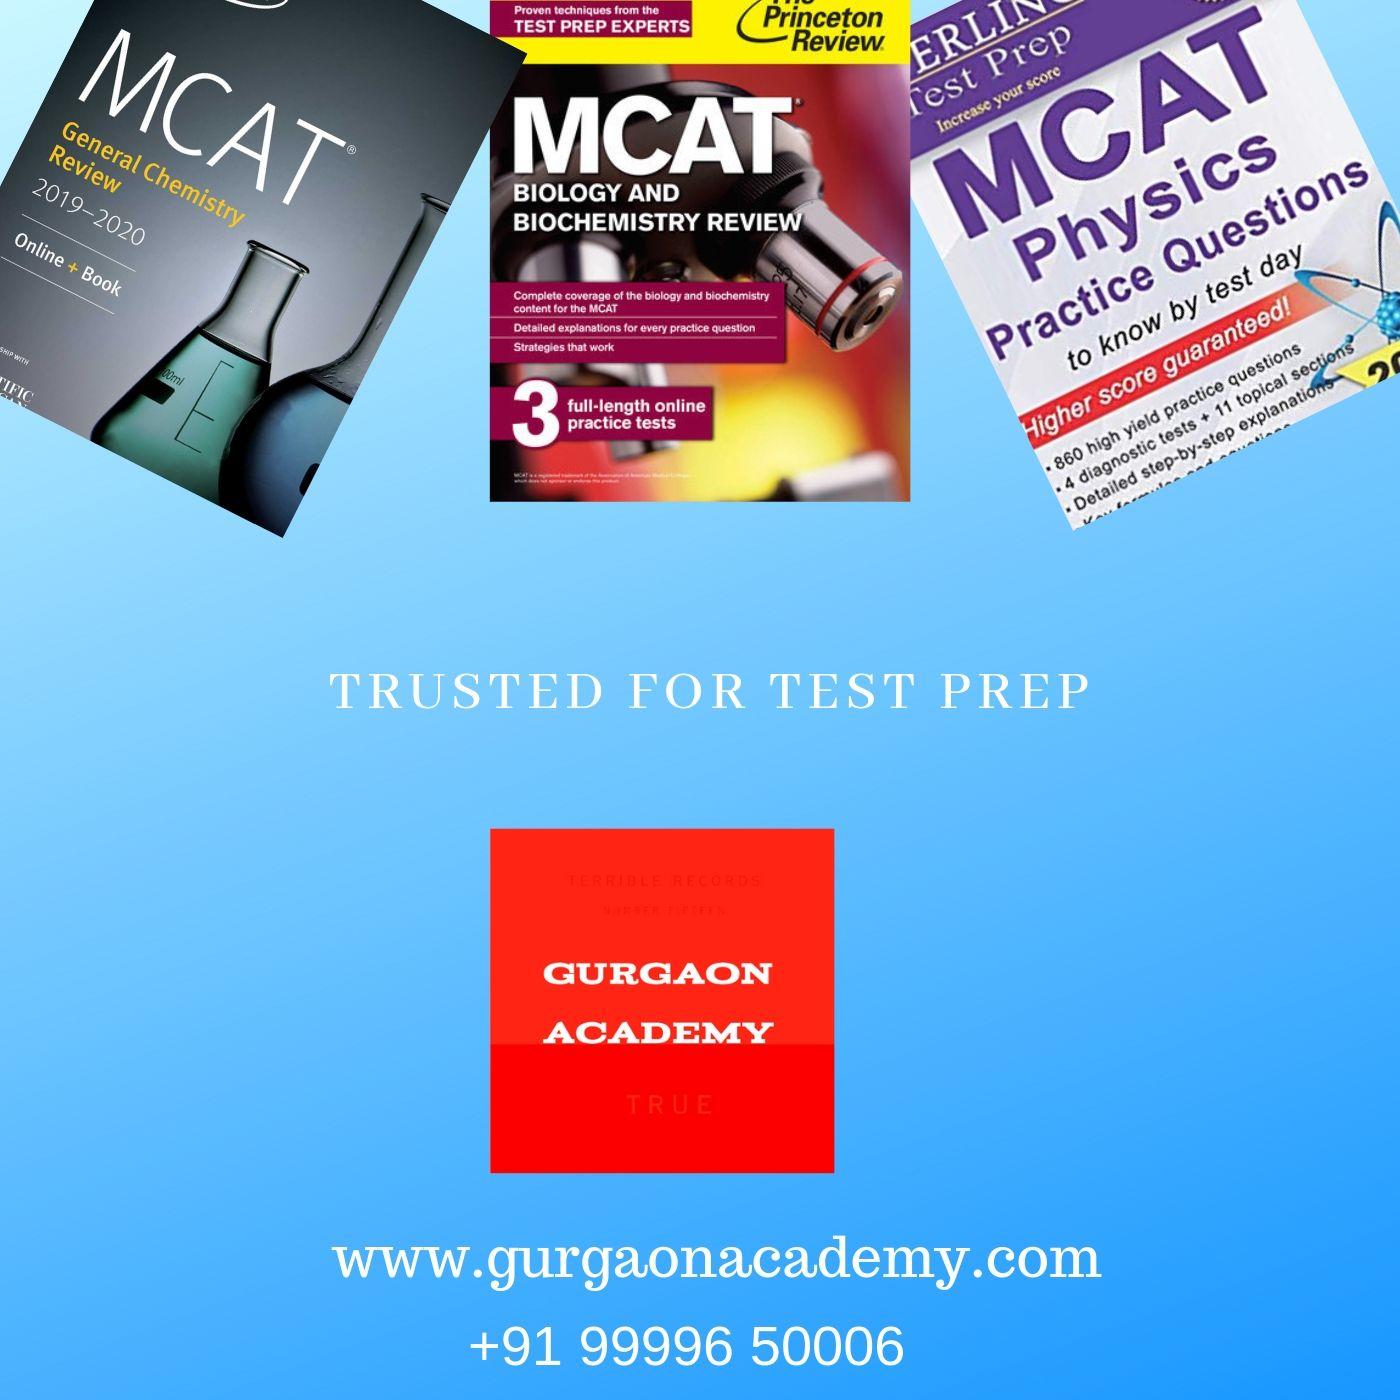 Mcat classes